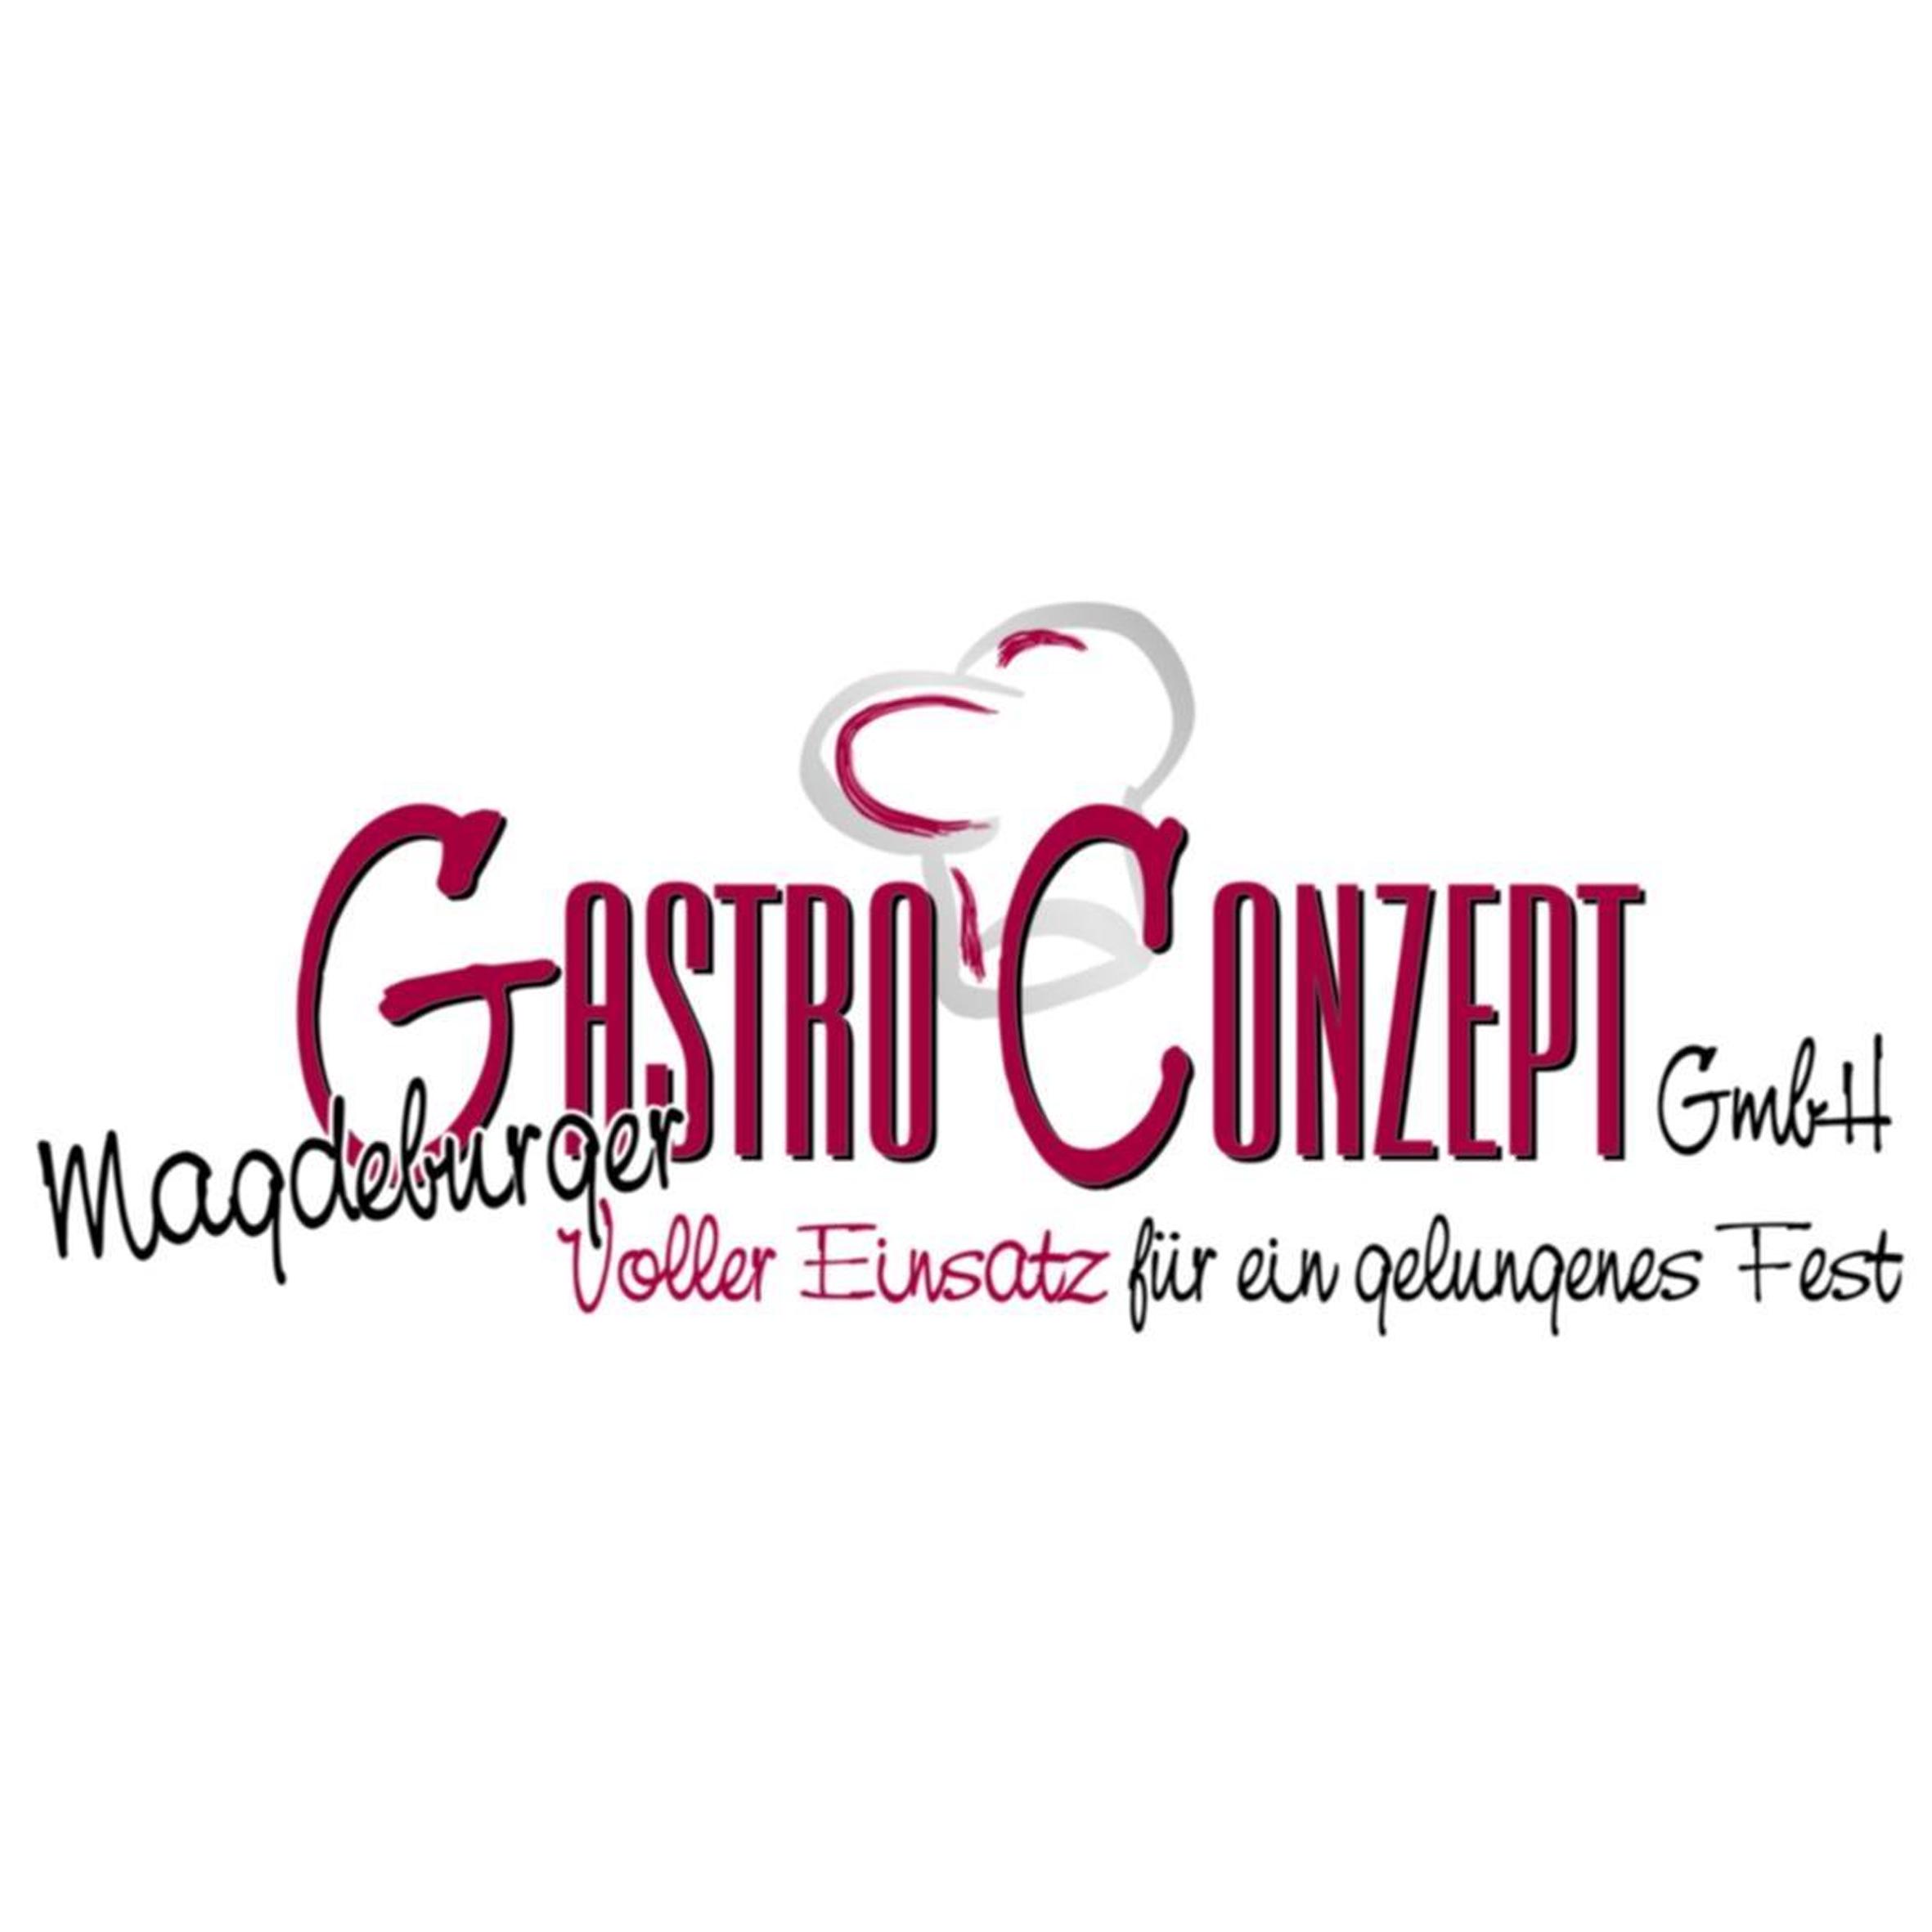 Magdeburger Gastro Conzept GmbH